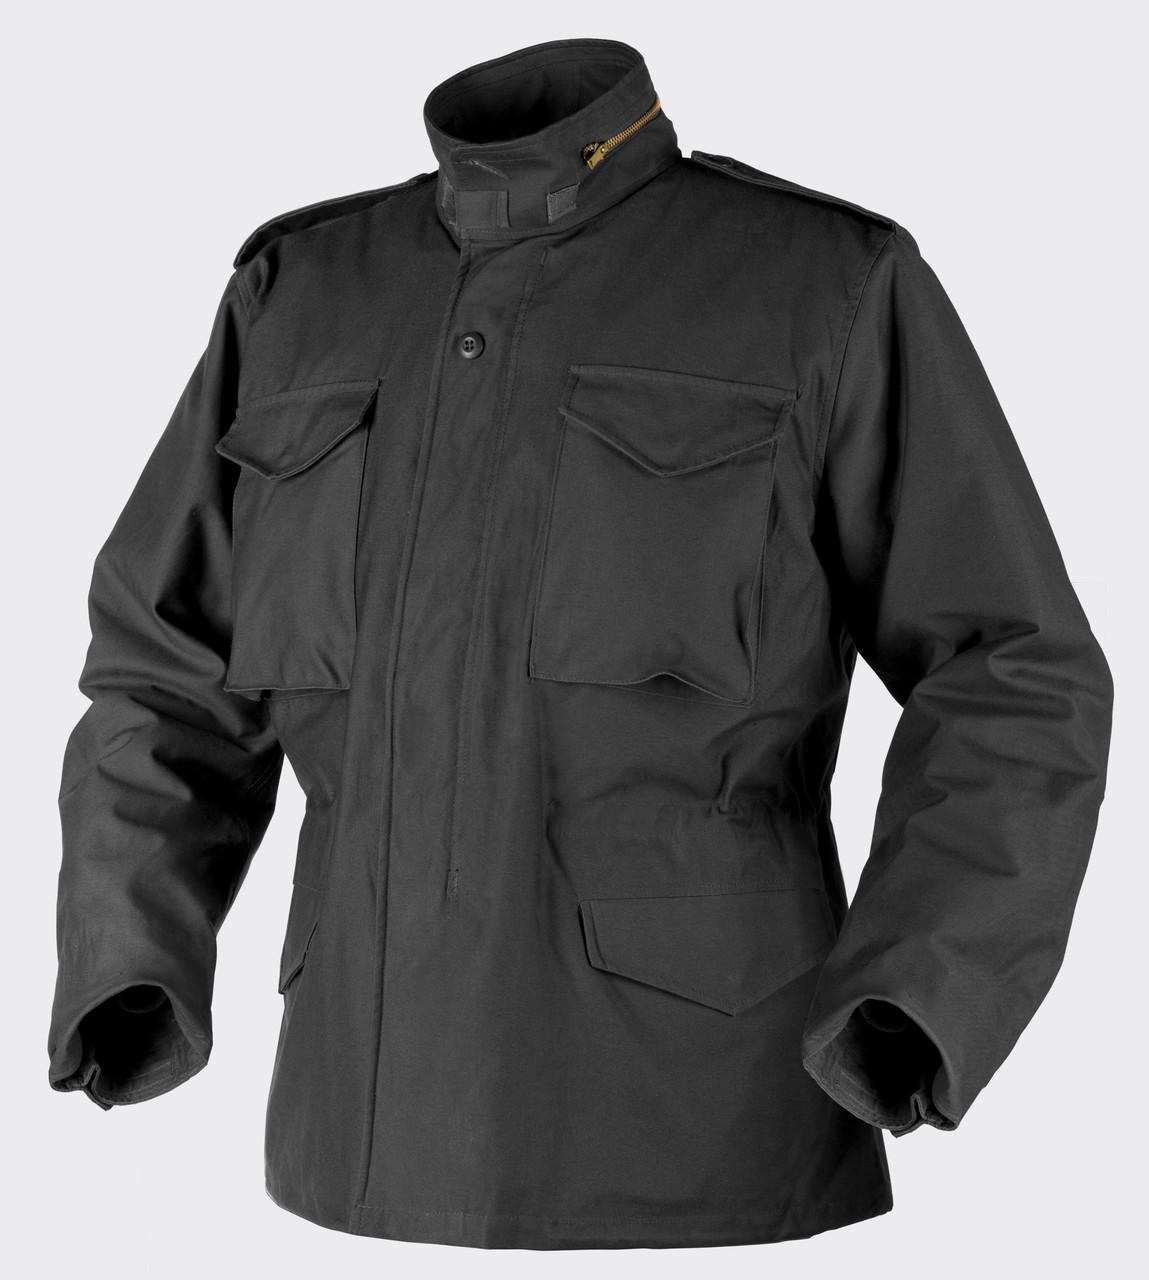 Куртка M65 - Nyco Sateen - чёрная